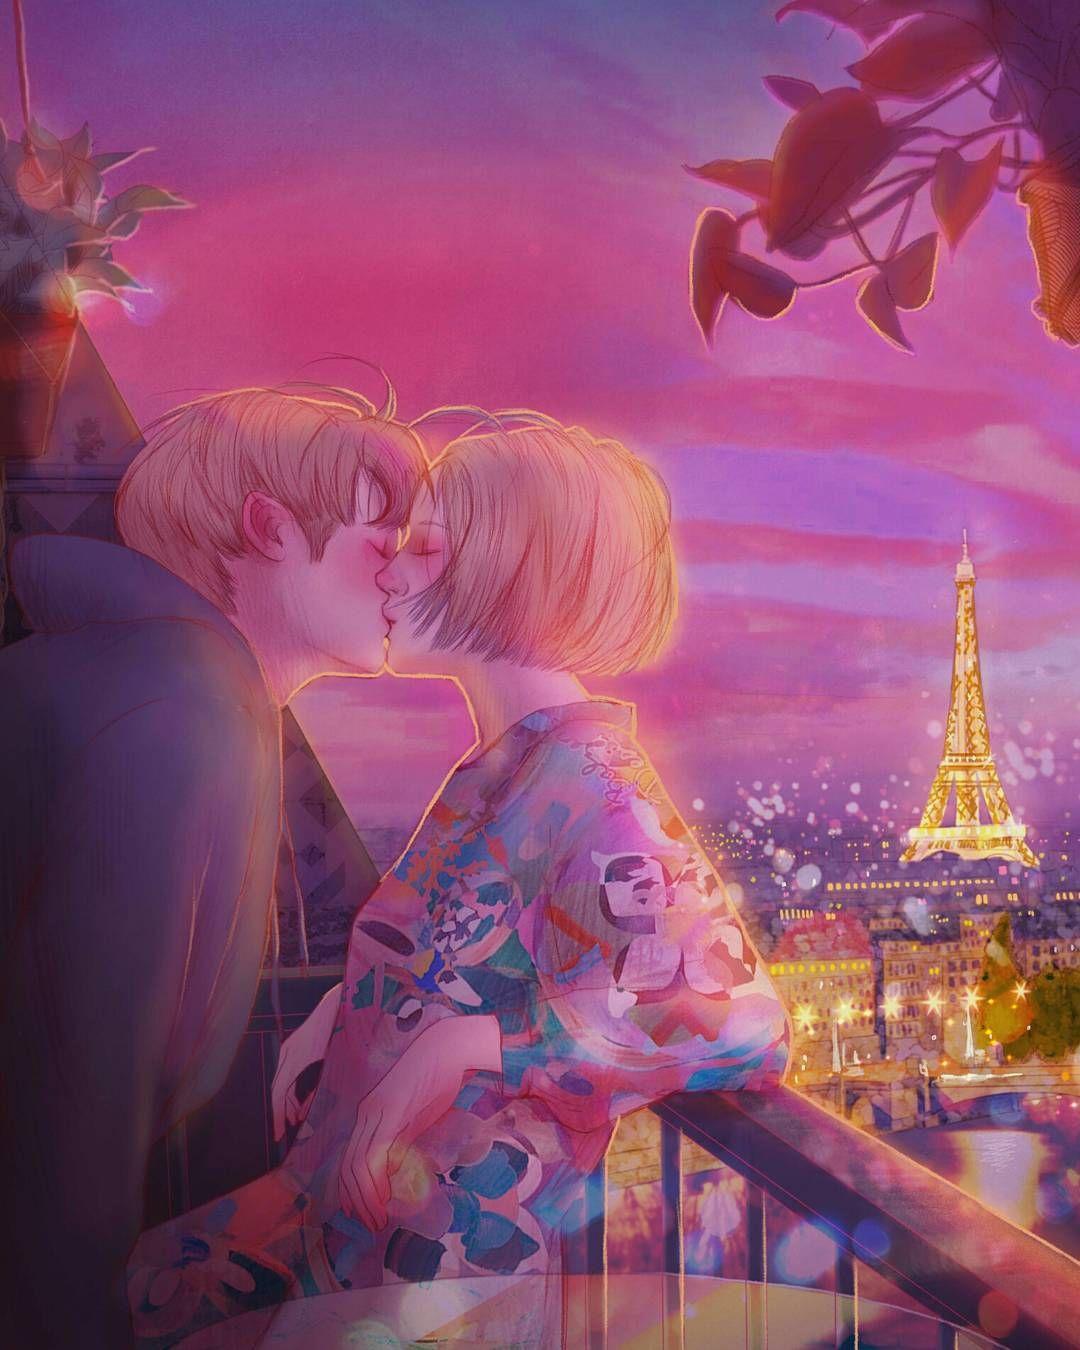 Красивые картинки любовь и романтика рисованные, красивые открытки мерцающие